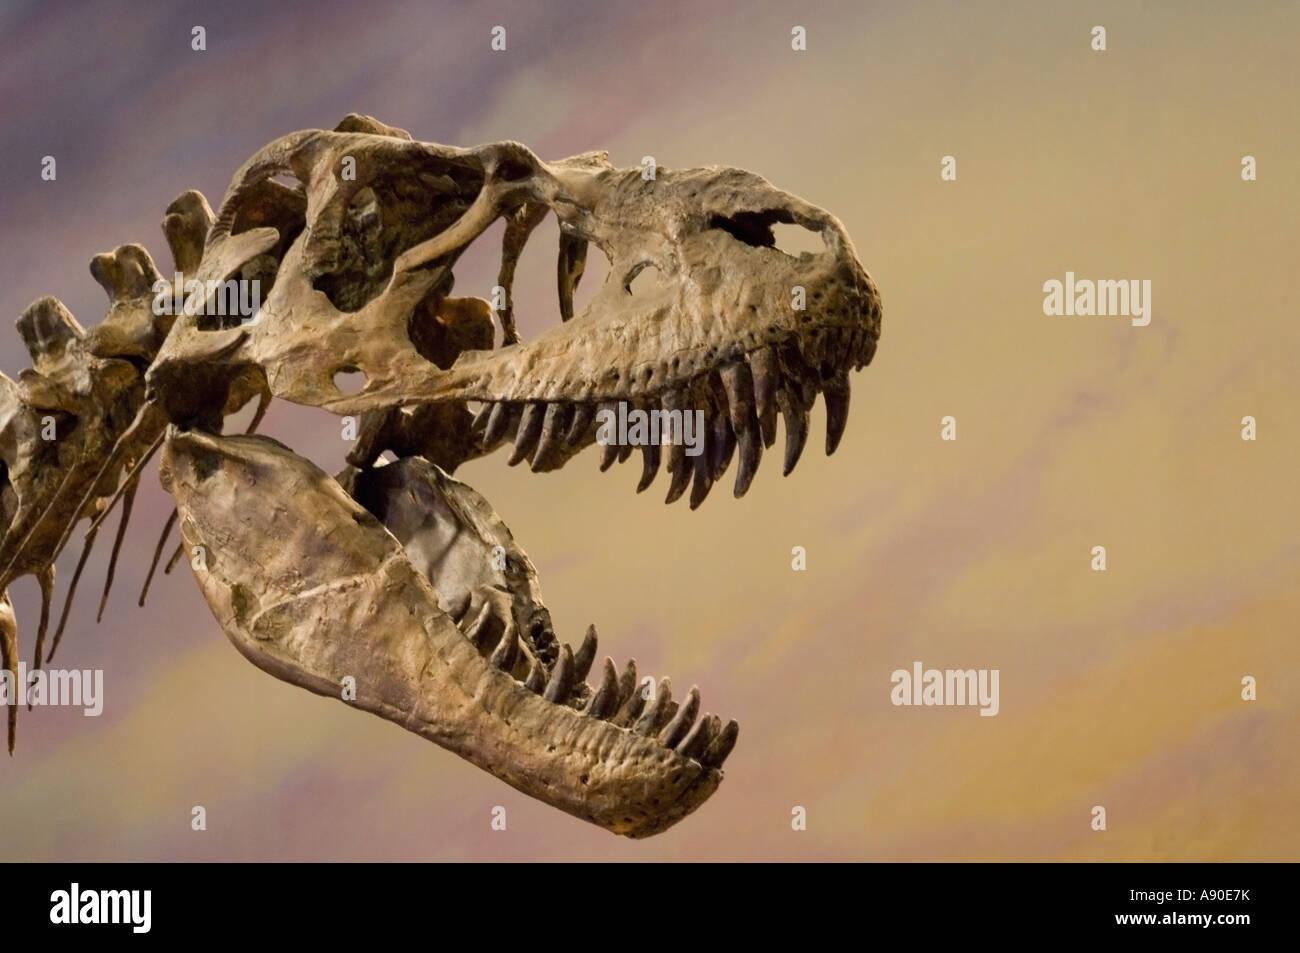 Albertosaurus dinosaur skelteon exhibit - Stock Image